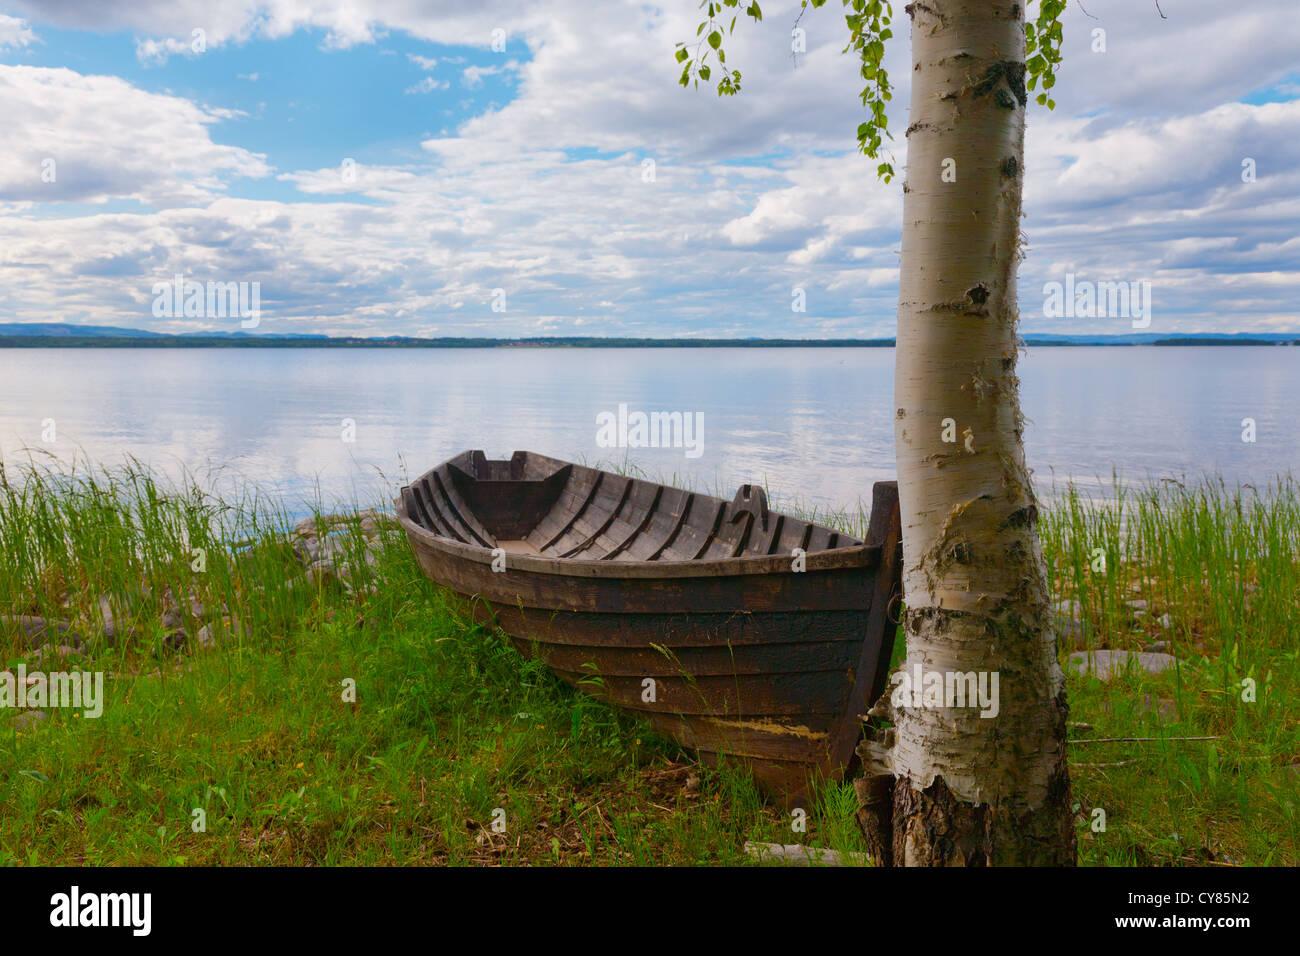 Old-fashioned row boat at lake Siljan, Dalarna, Sweden Stock Photo